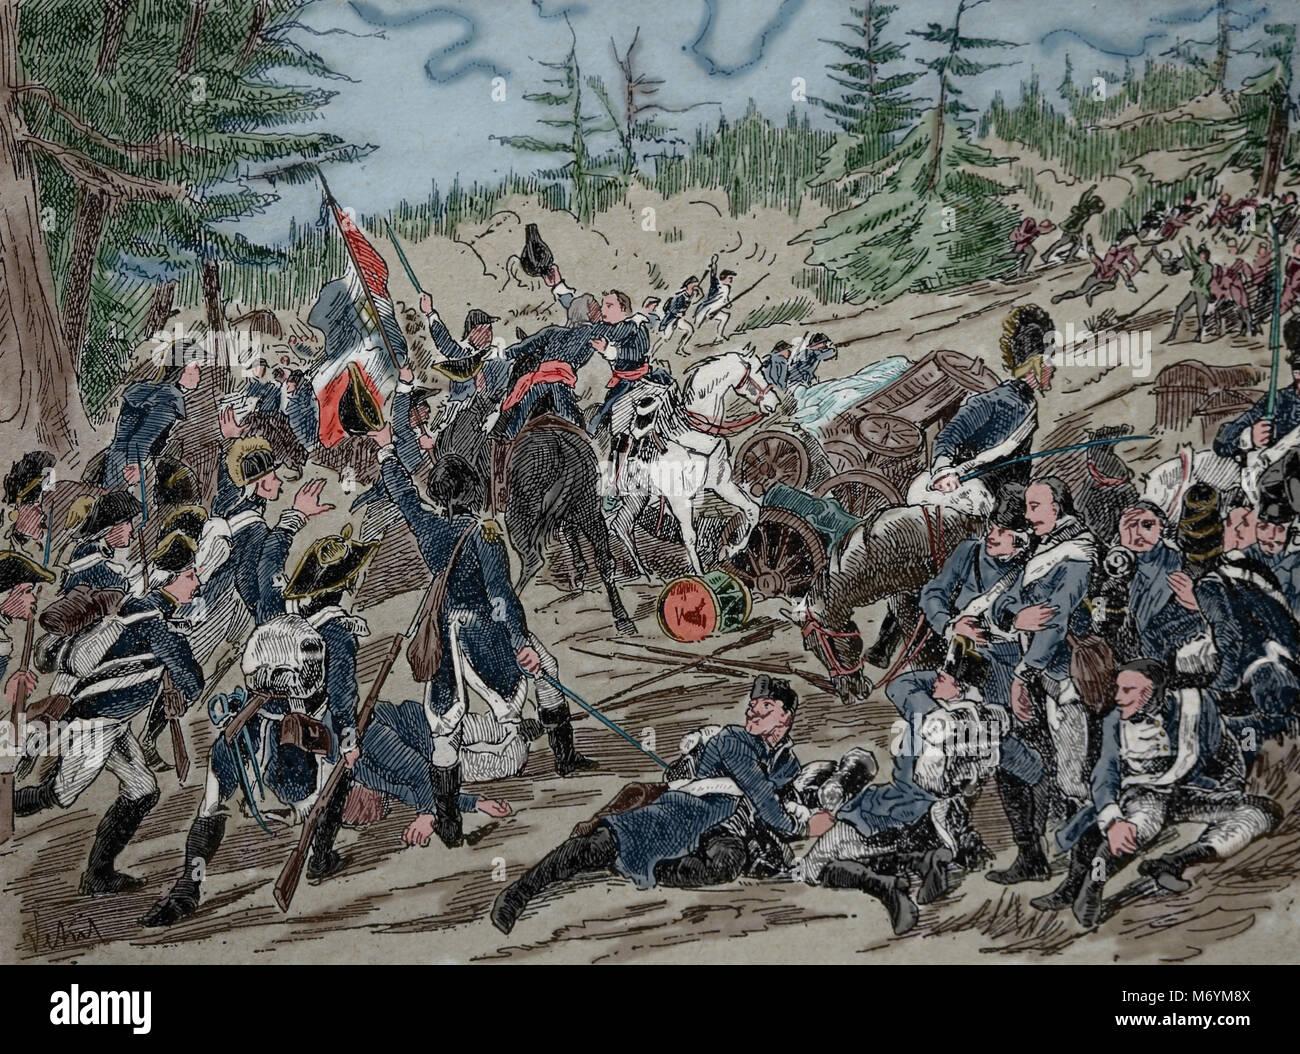 Battle of Hohenlinden, 3 December 1800, French Revolutionary Wars. Belligerents: France, Austria, Bavaria. - Stock Image